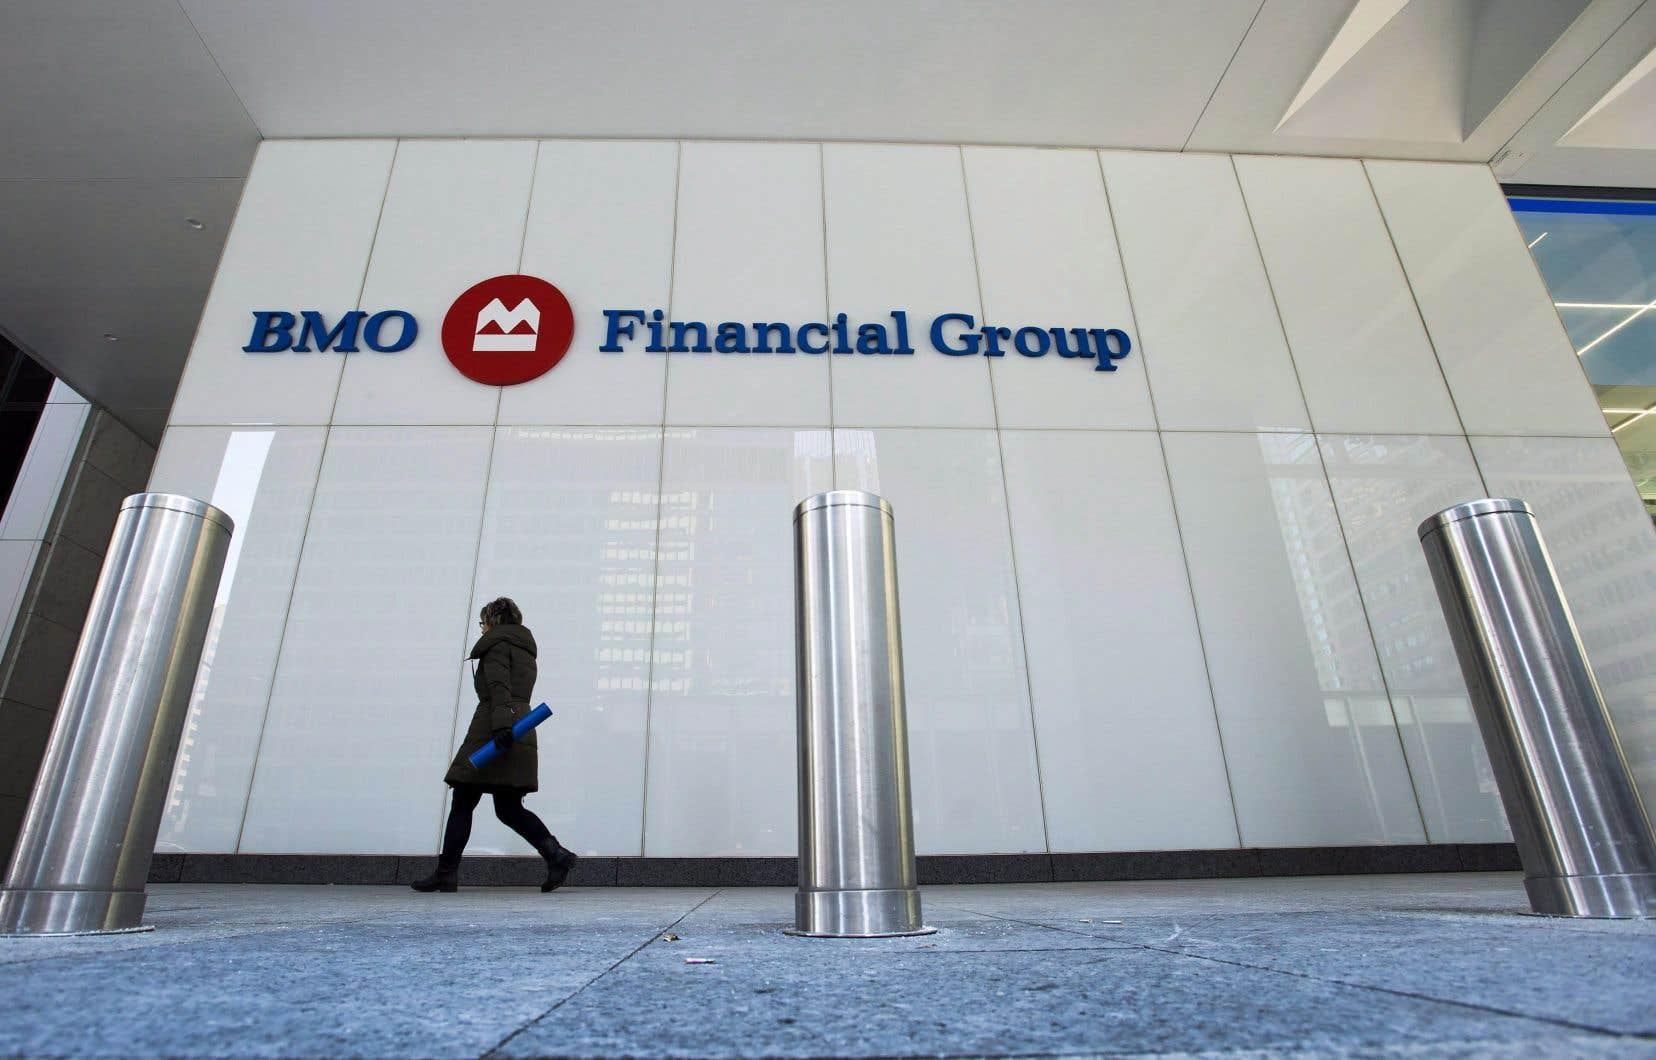 À l'instar des autres grandes banques canadiennes, la Banque de Montréal est à la recherche d'occasions de croissance dans un climat économique robuste américain.